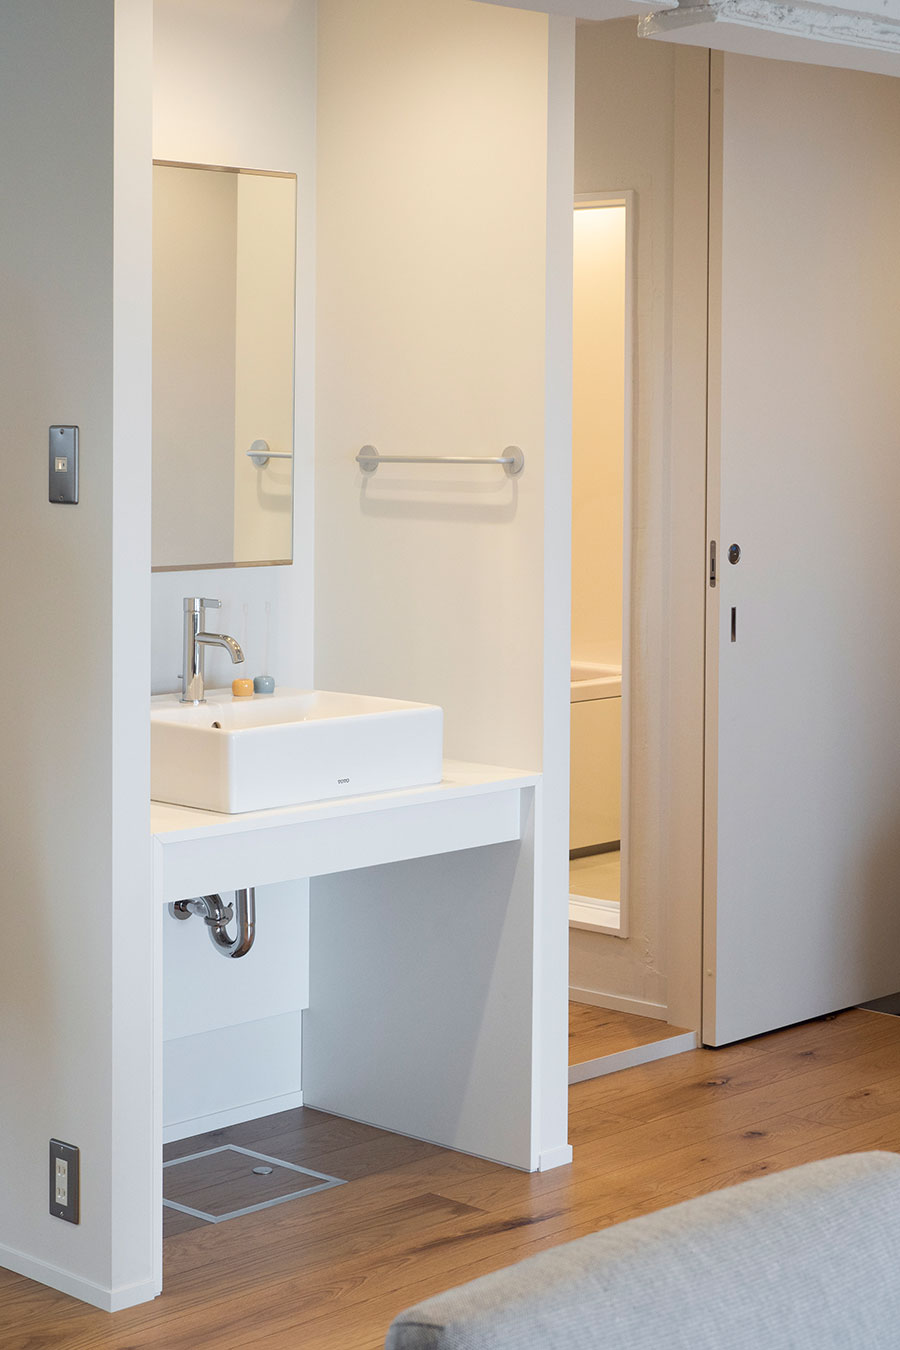 廊下の仕切りを取り払うことでLDKと一体となった空間に洗面台を。玄関から直行することができる。